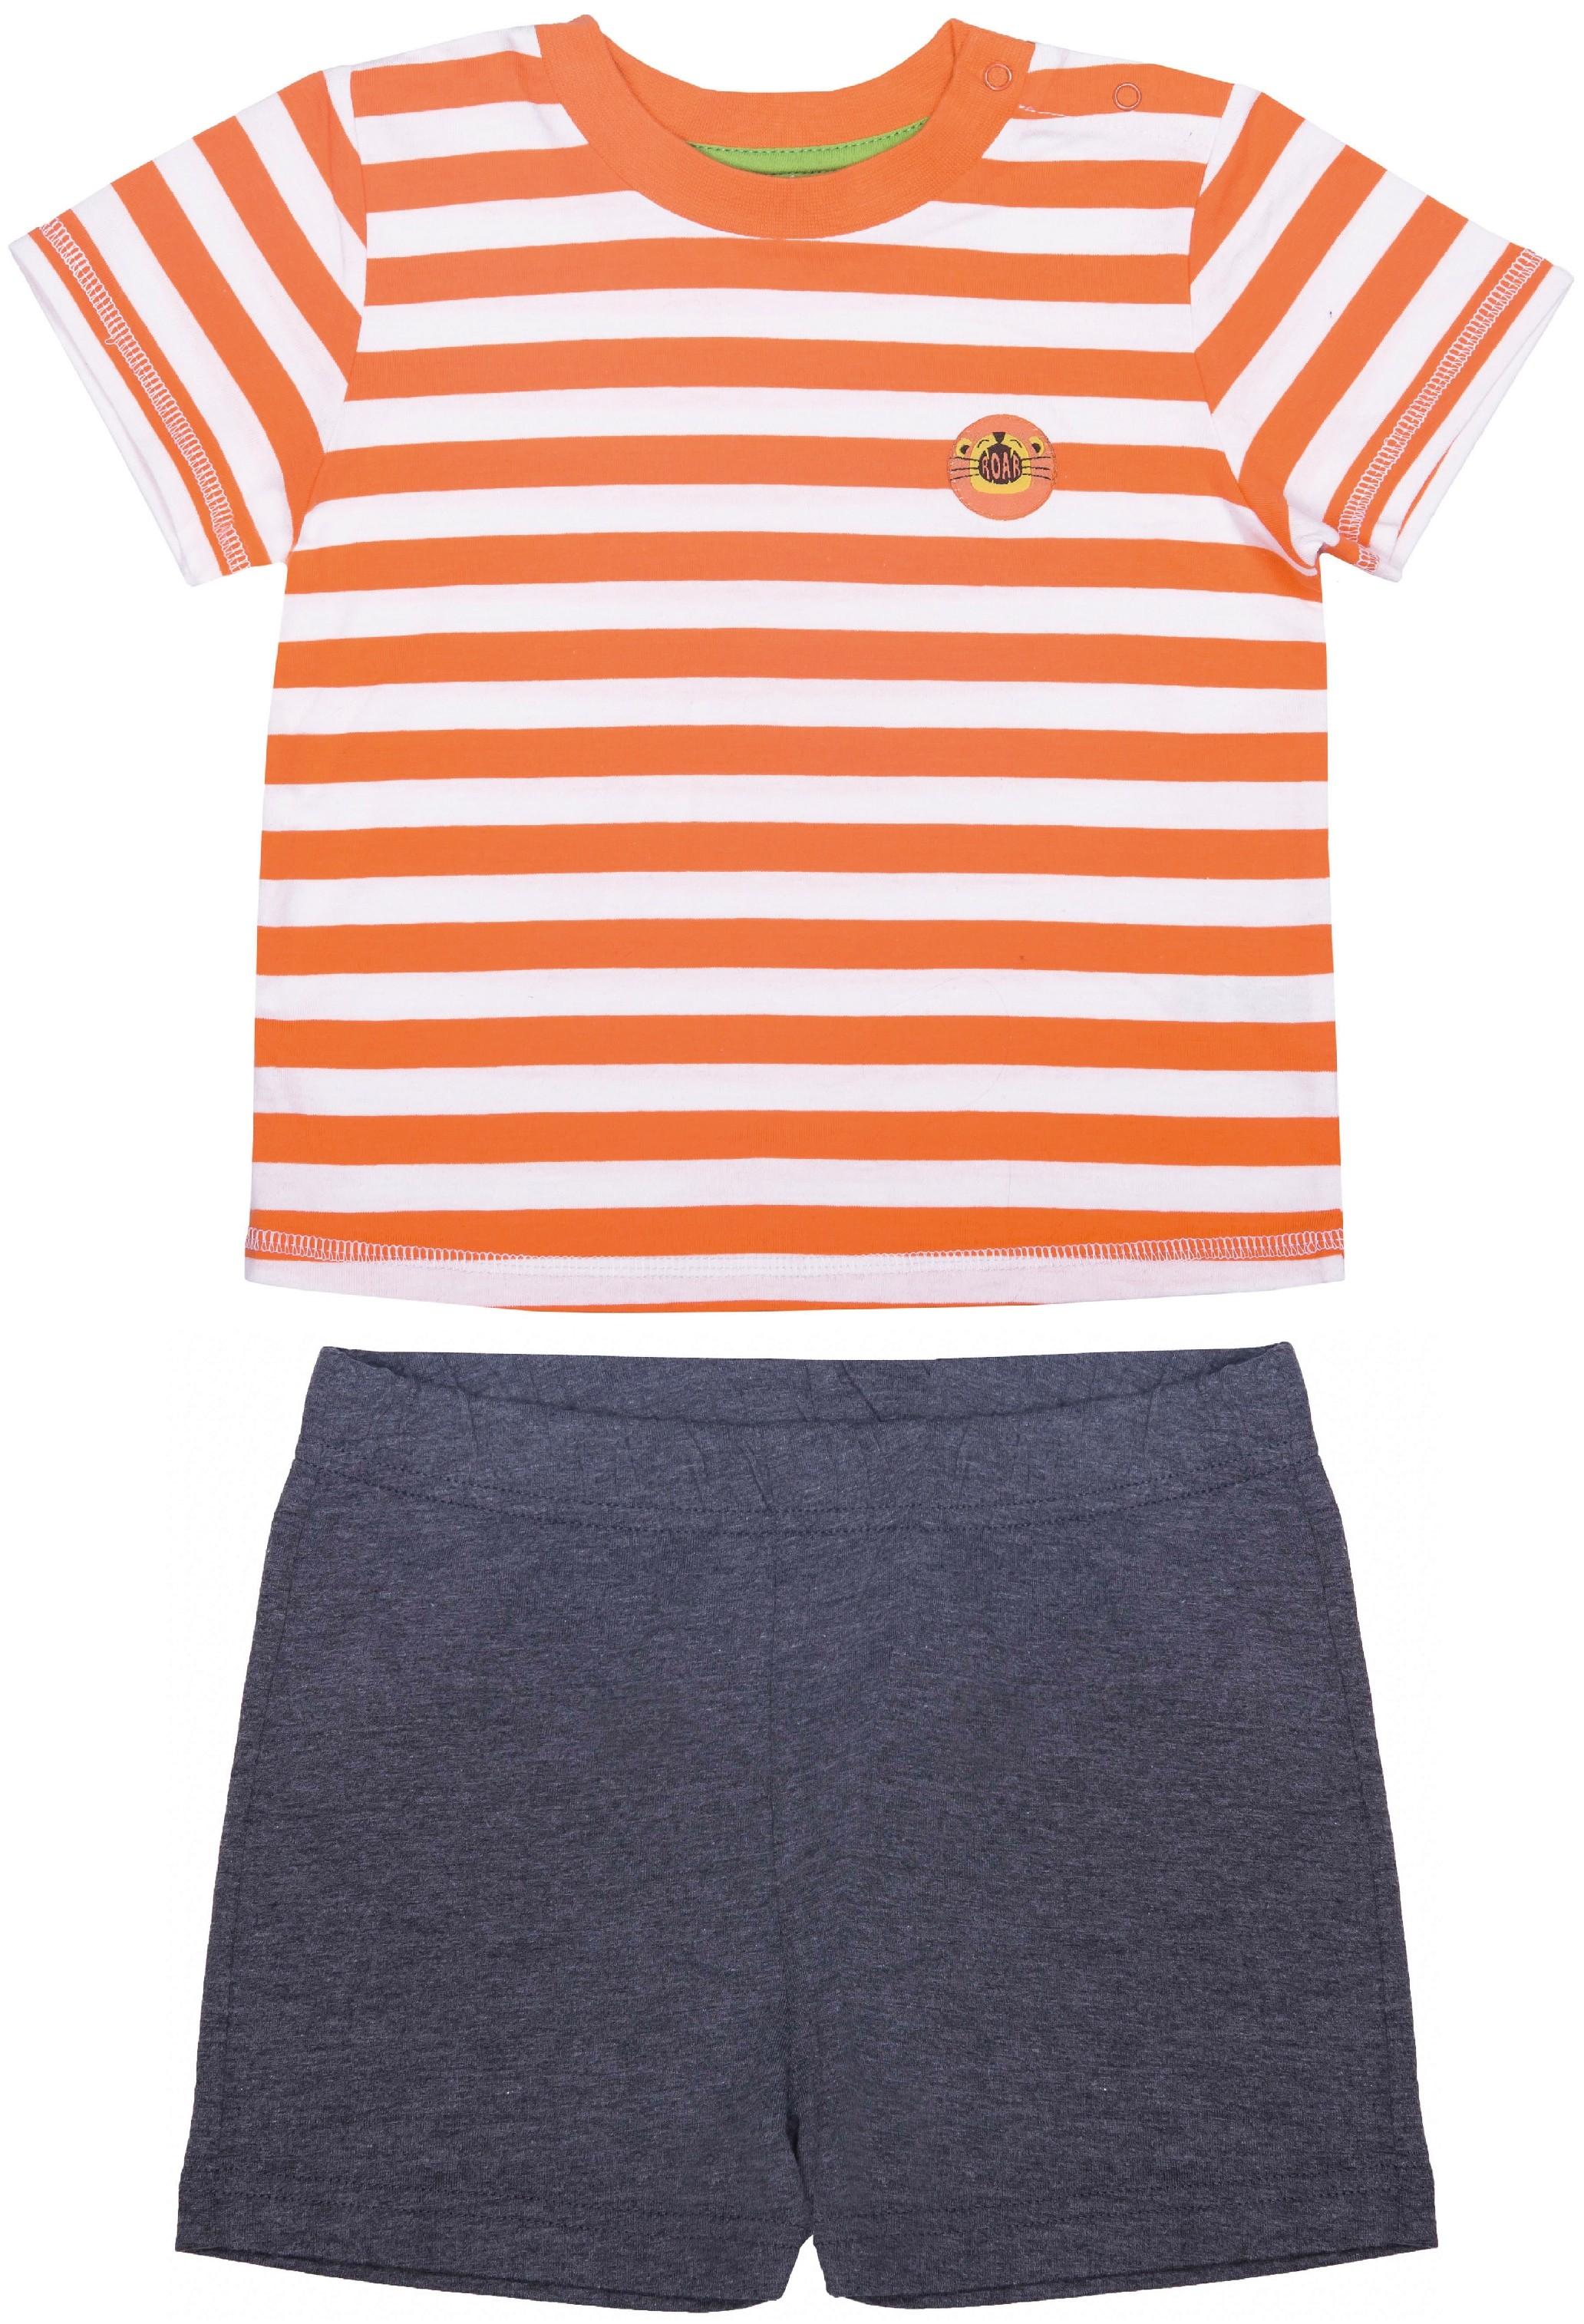 Купить Комплект (футболка и шорты) для мальчика, Джунгли 2, 1шт., Barkito S17B2009J(1), Узбекистан, футболка: белый в оранжевую полоску, шорты: серый, Мужской